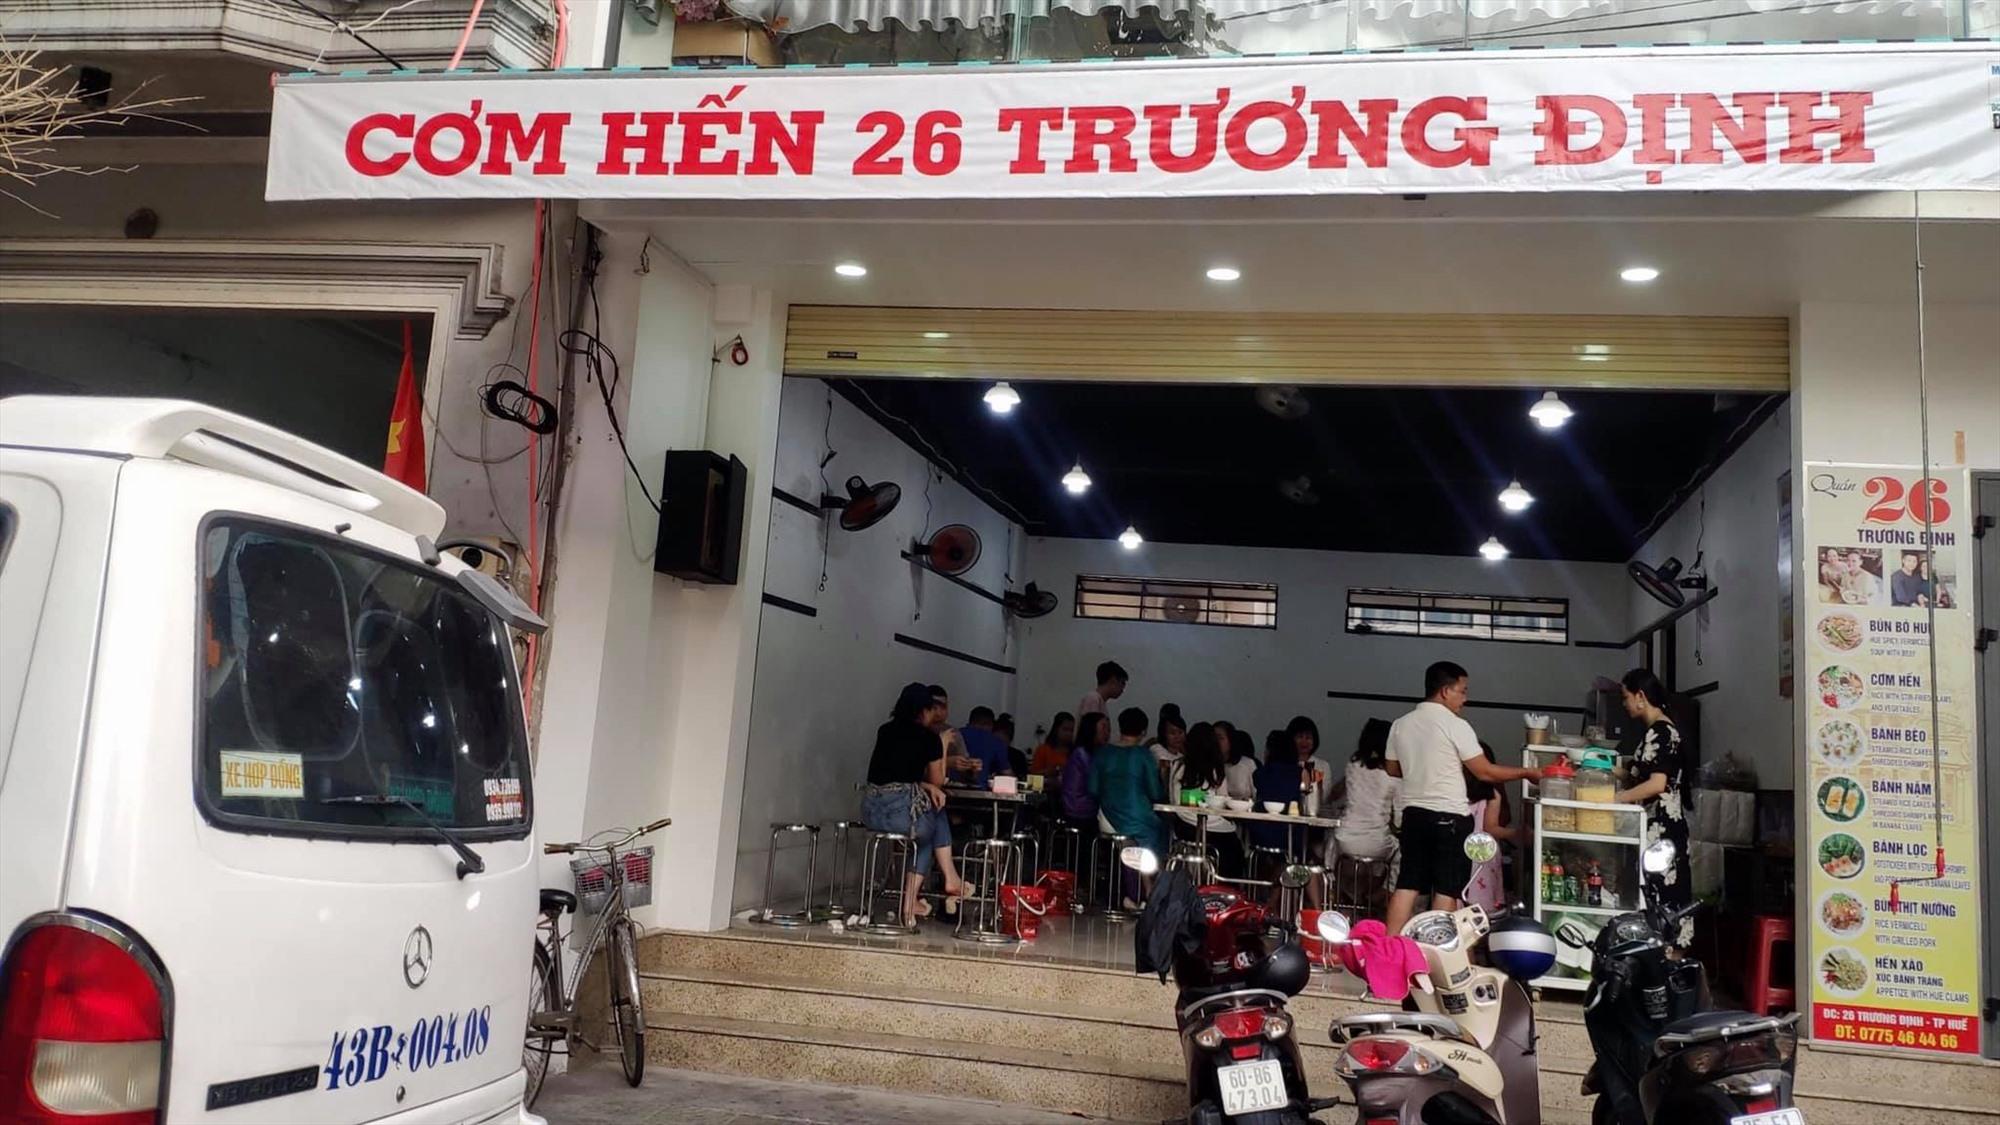 Quán cơm hến Trương Định - Huế.